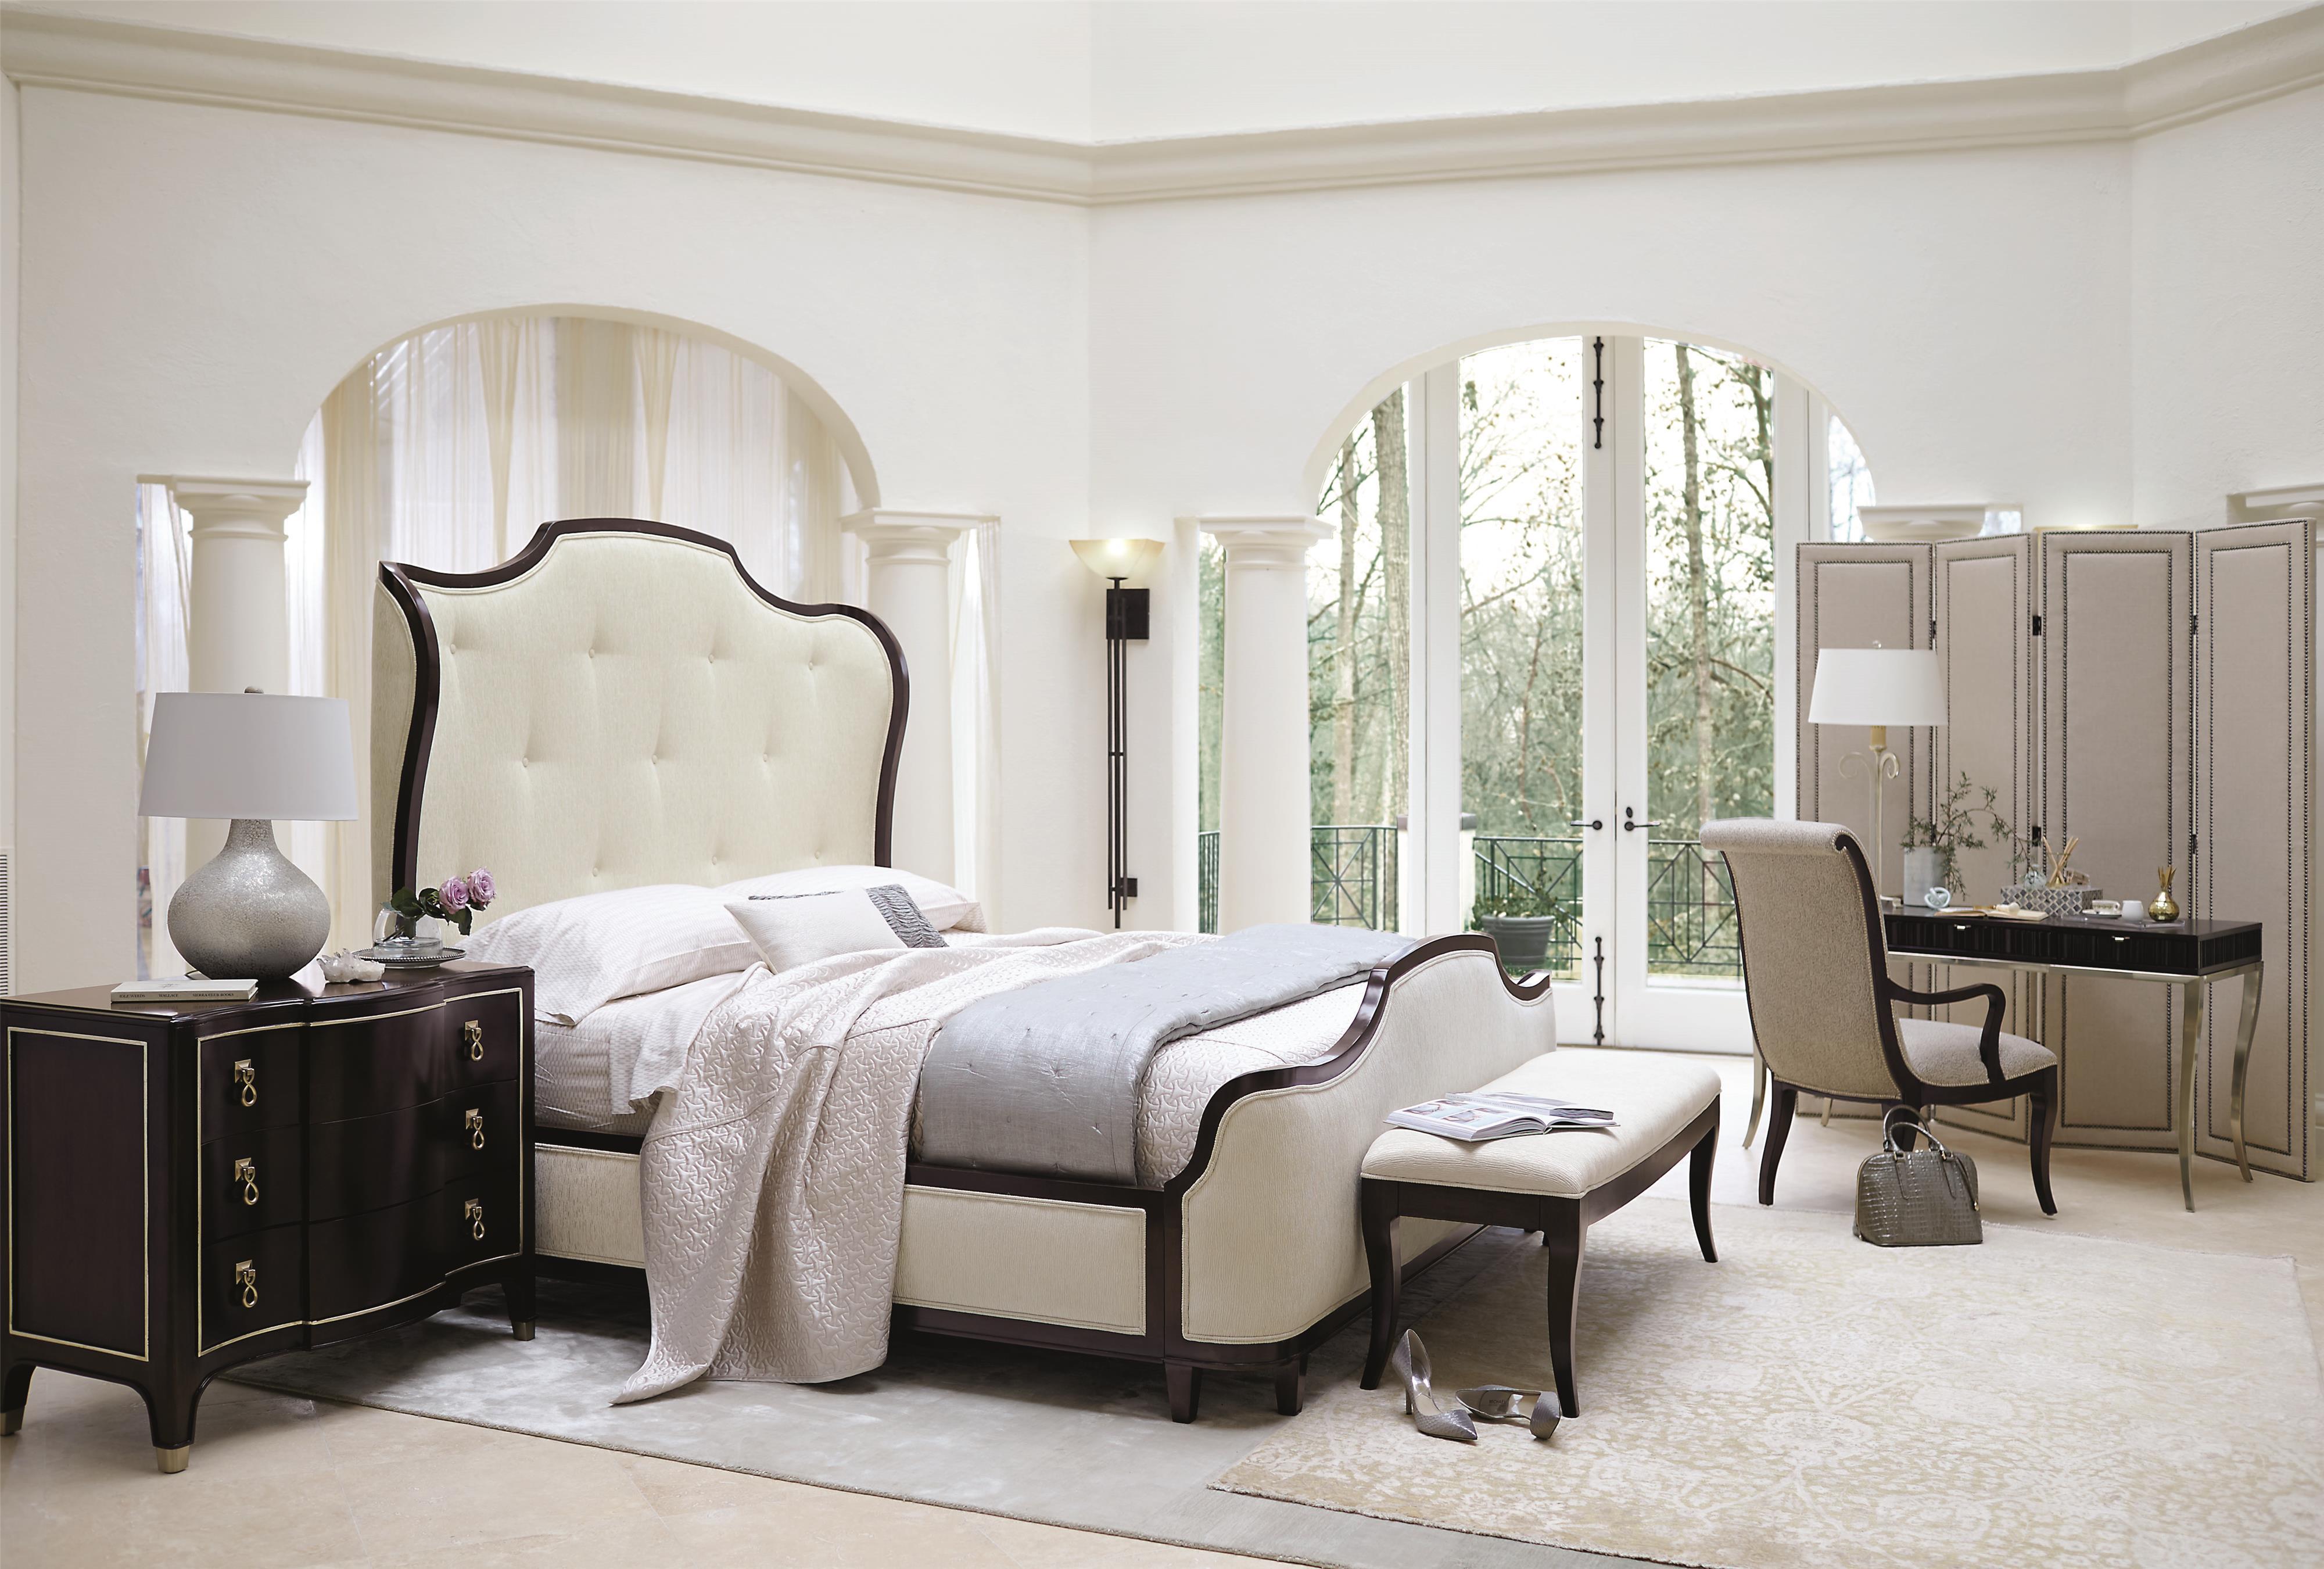 Bernhardt Miramont King Bedroom Group 4 - Item Number: 360 K Bedroom Group 4